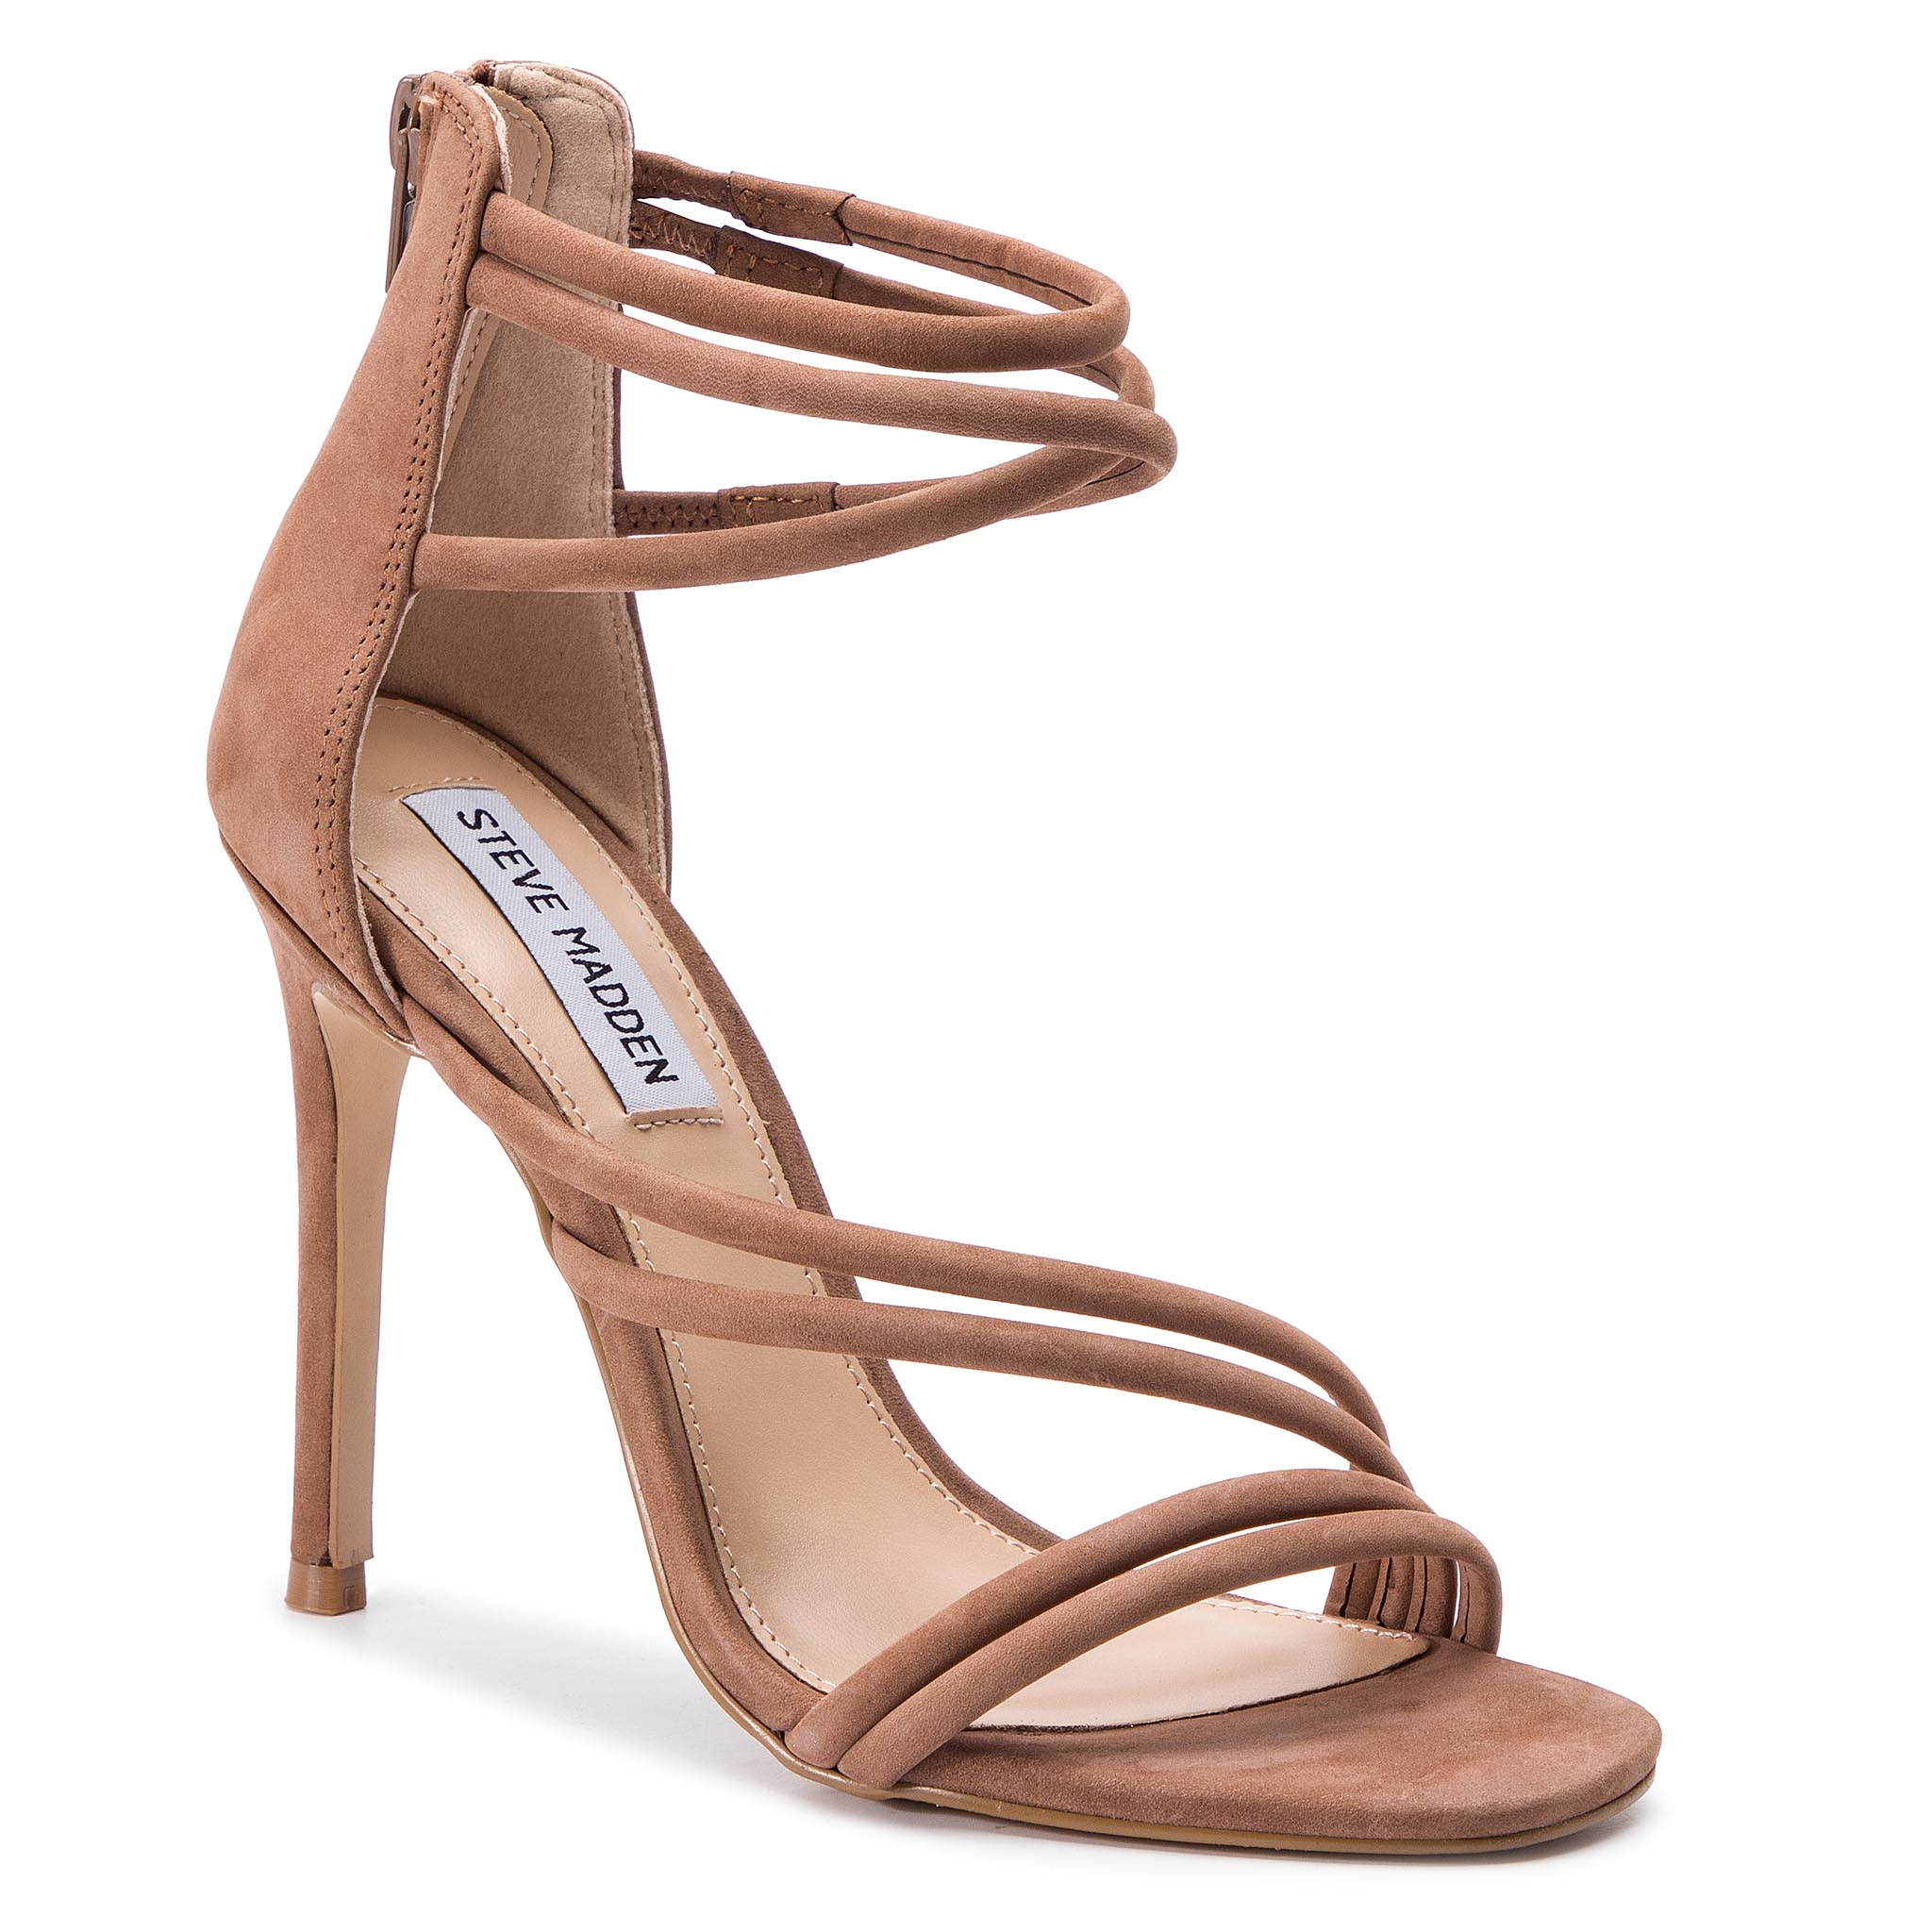 b9c62bc1d56 Sandals STEVE MADDEN - Elly SM11000547-02002-686 Rose Gold - Elegant ...